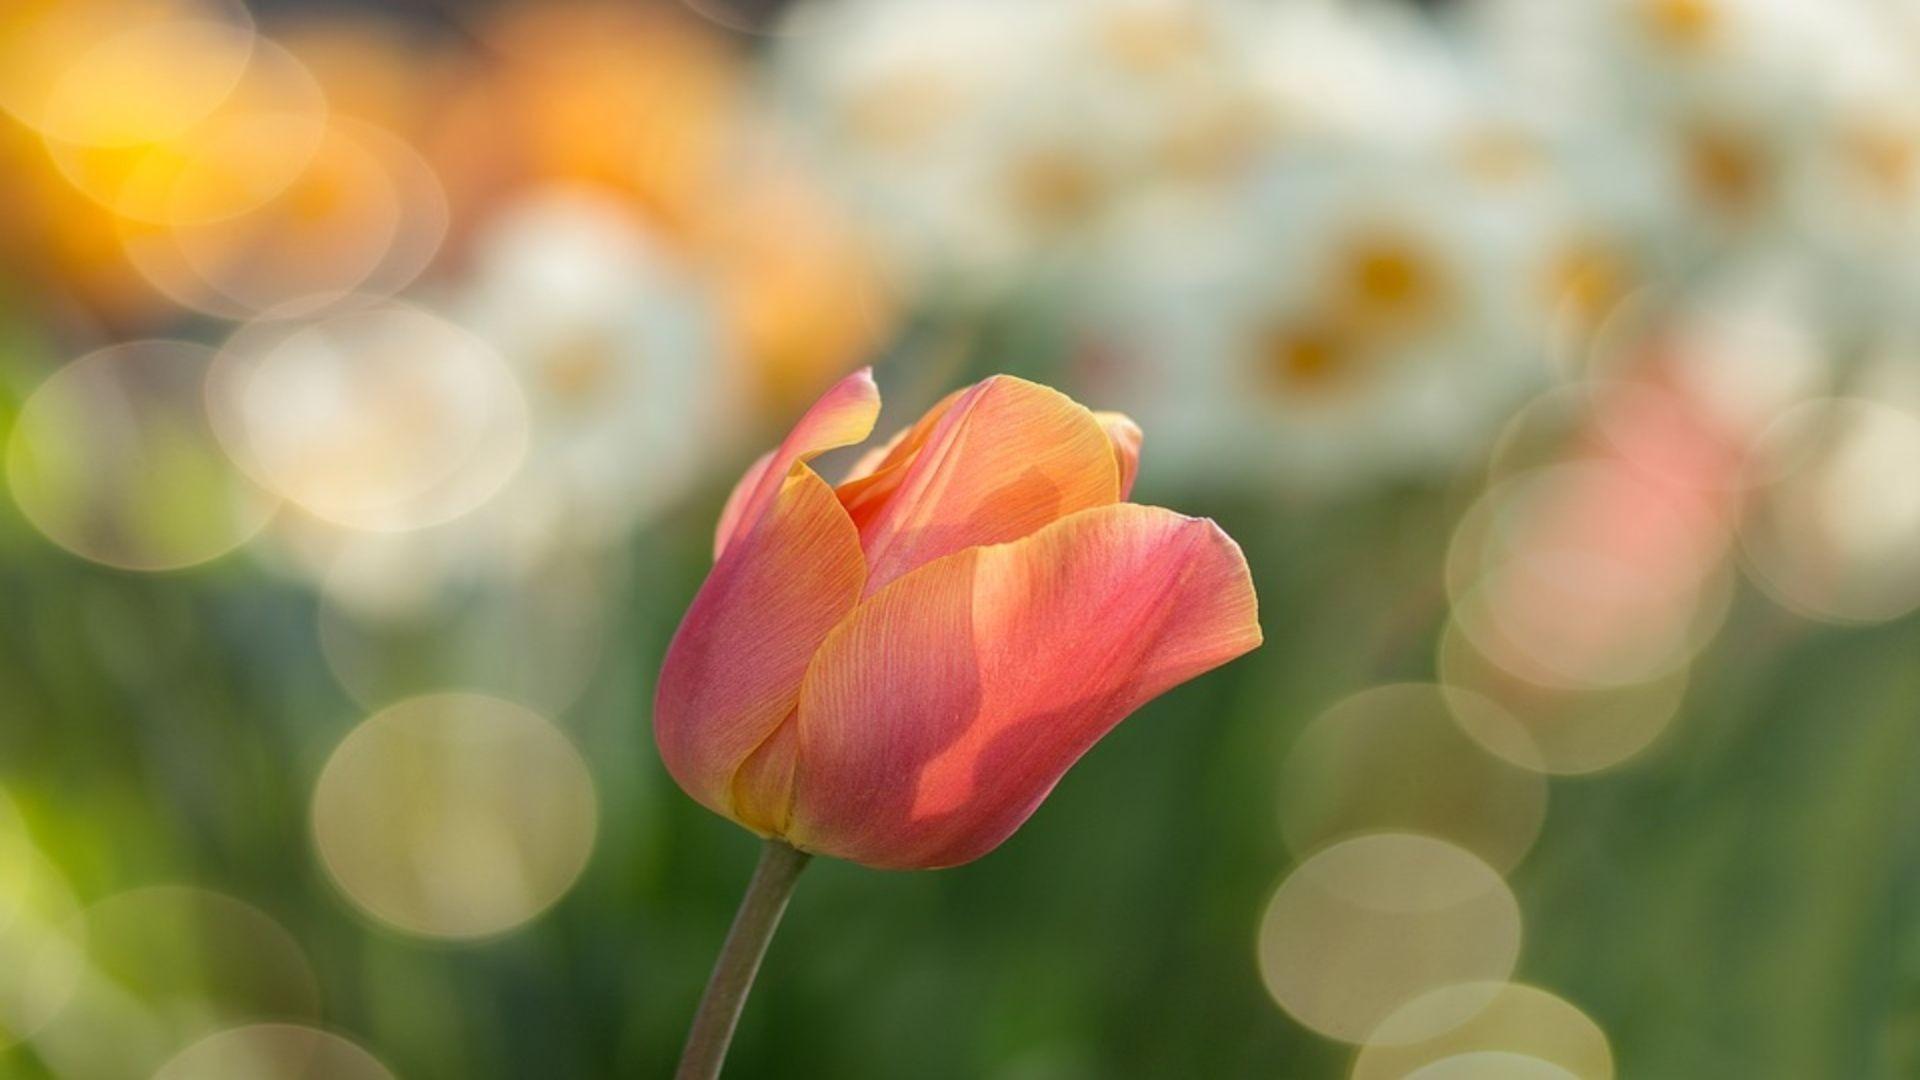 tulip-2189317_960_720 (1) (2)